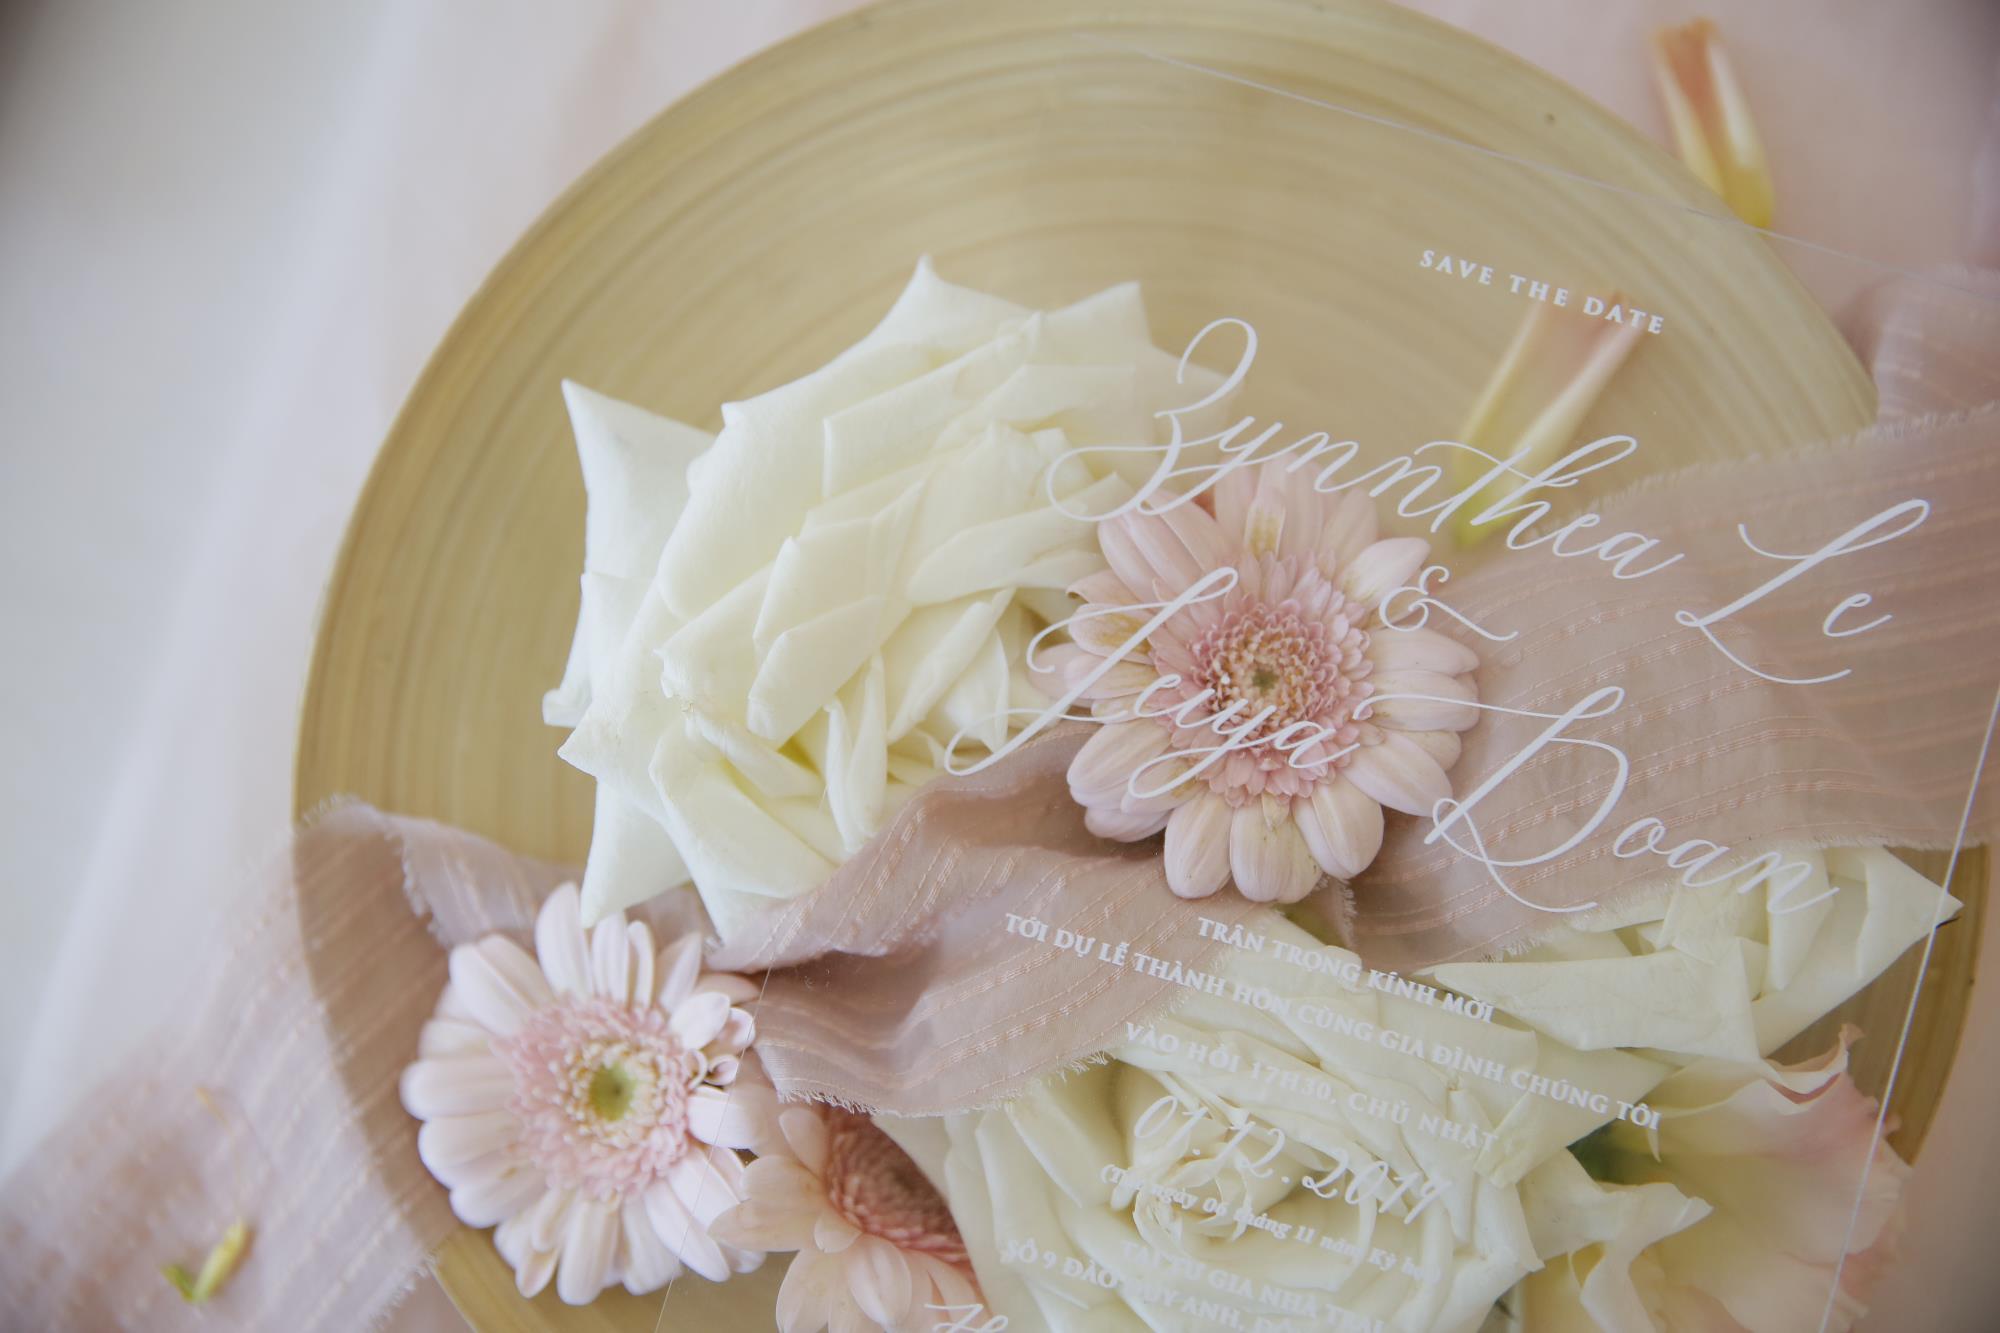 Triển lãm cưới Almaz Mini Wedding Fair - Rực rỡ màu sắc cá nhân trong ngày trọng đại - Ảnh 5